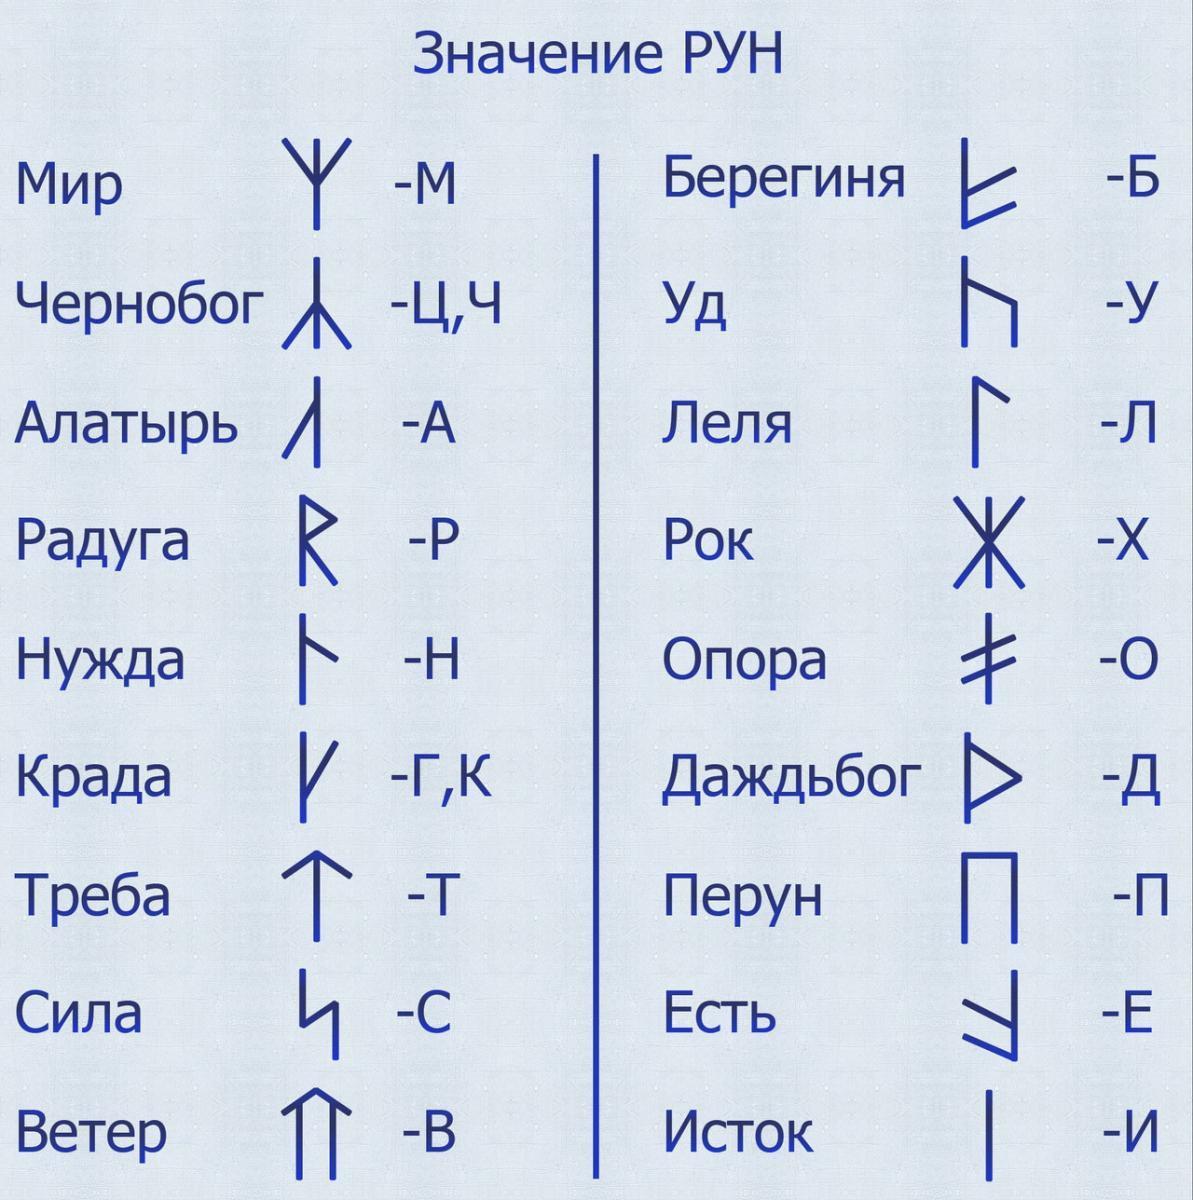 Славянские руны и их значение.